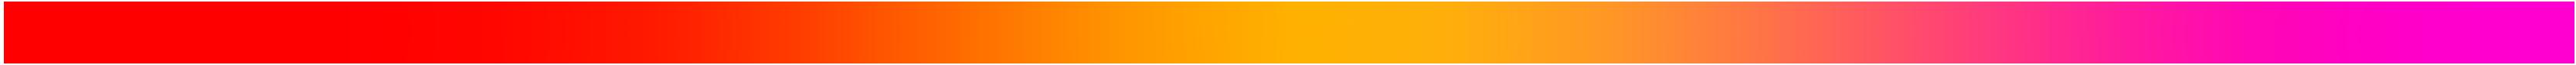 『出版』参展机构|摸摸艺术书 艺术 机构 展位 书店 工作室 上海 艺术家 全球 图书 视觉 崇真艺客